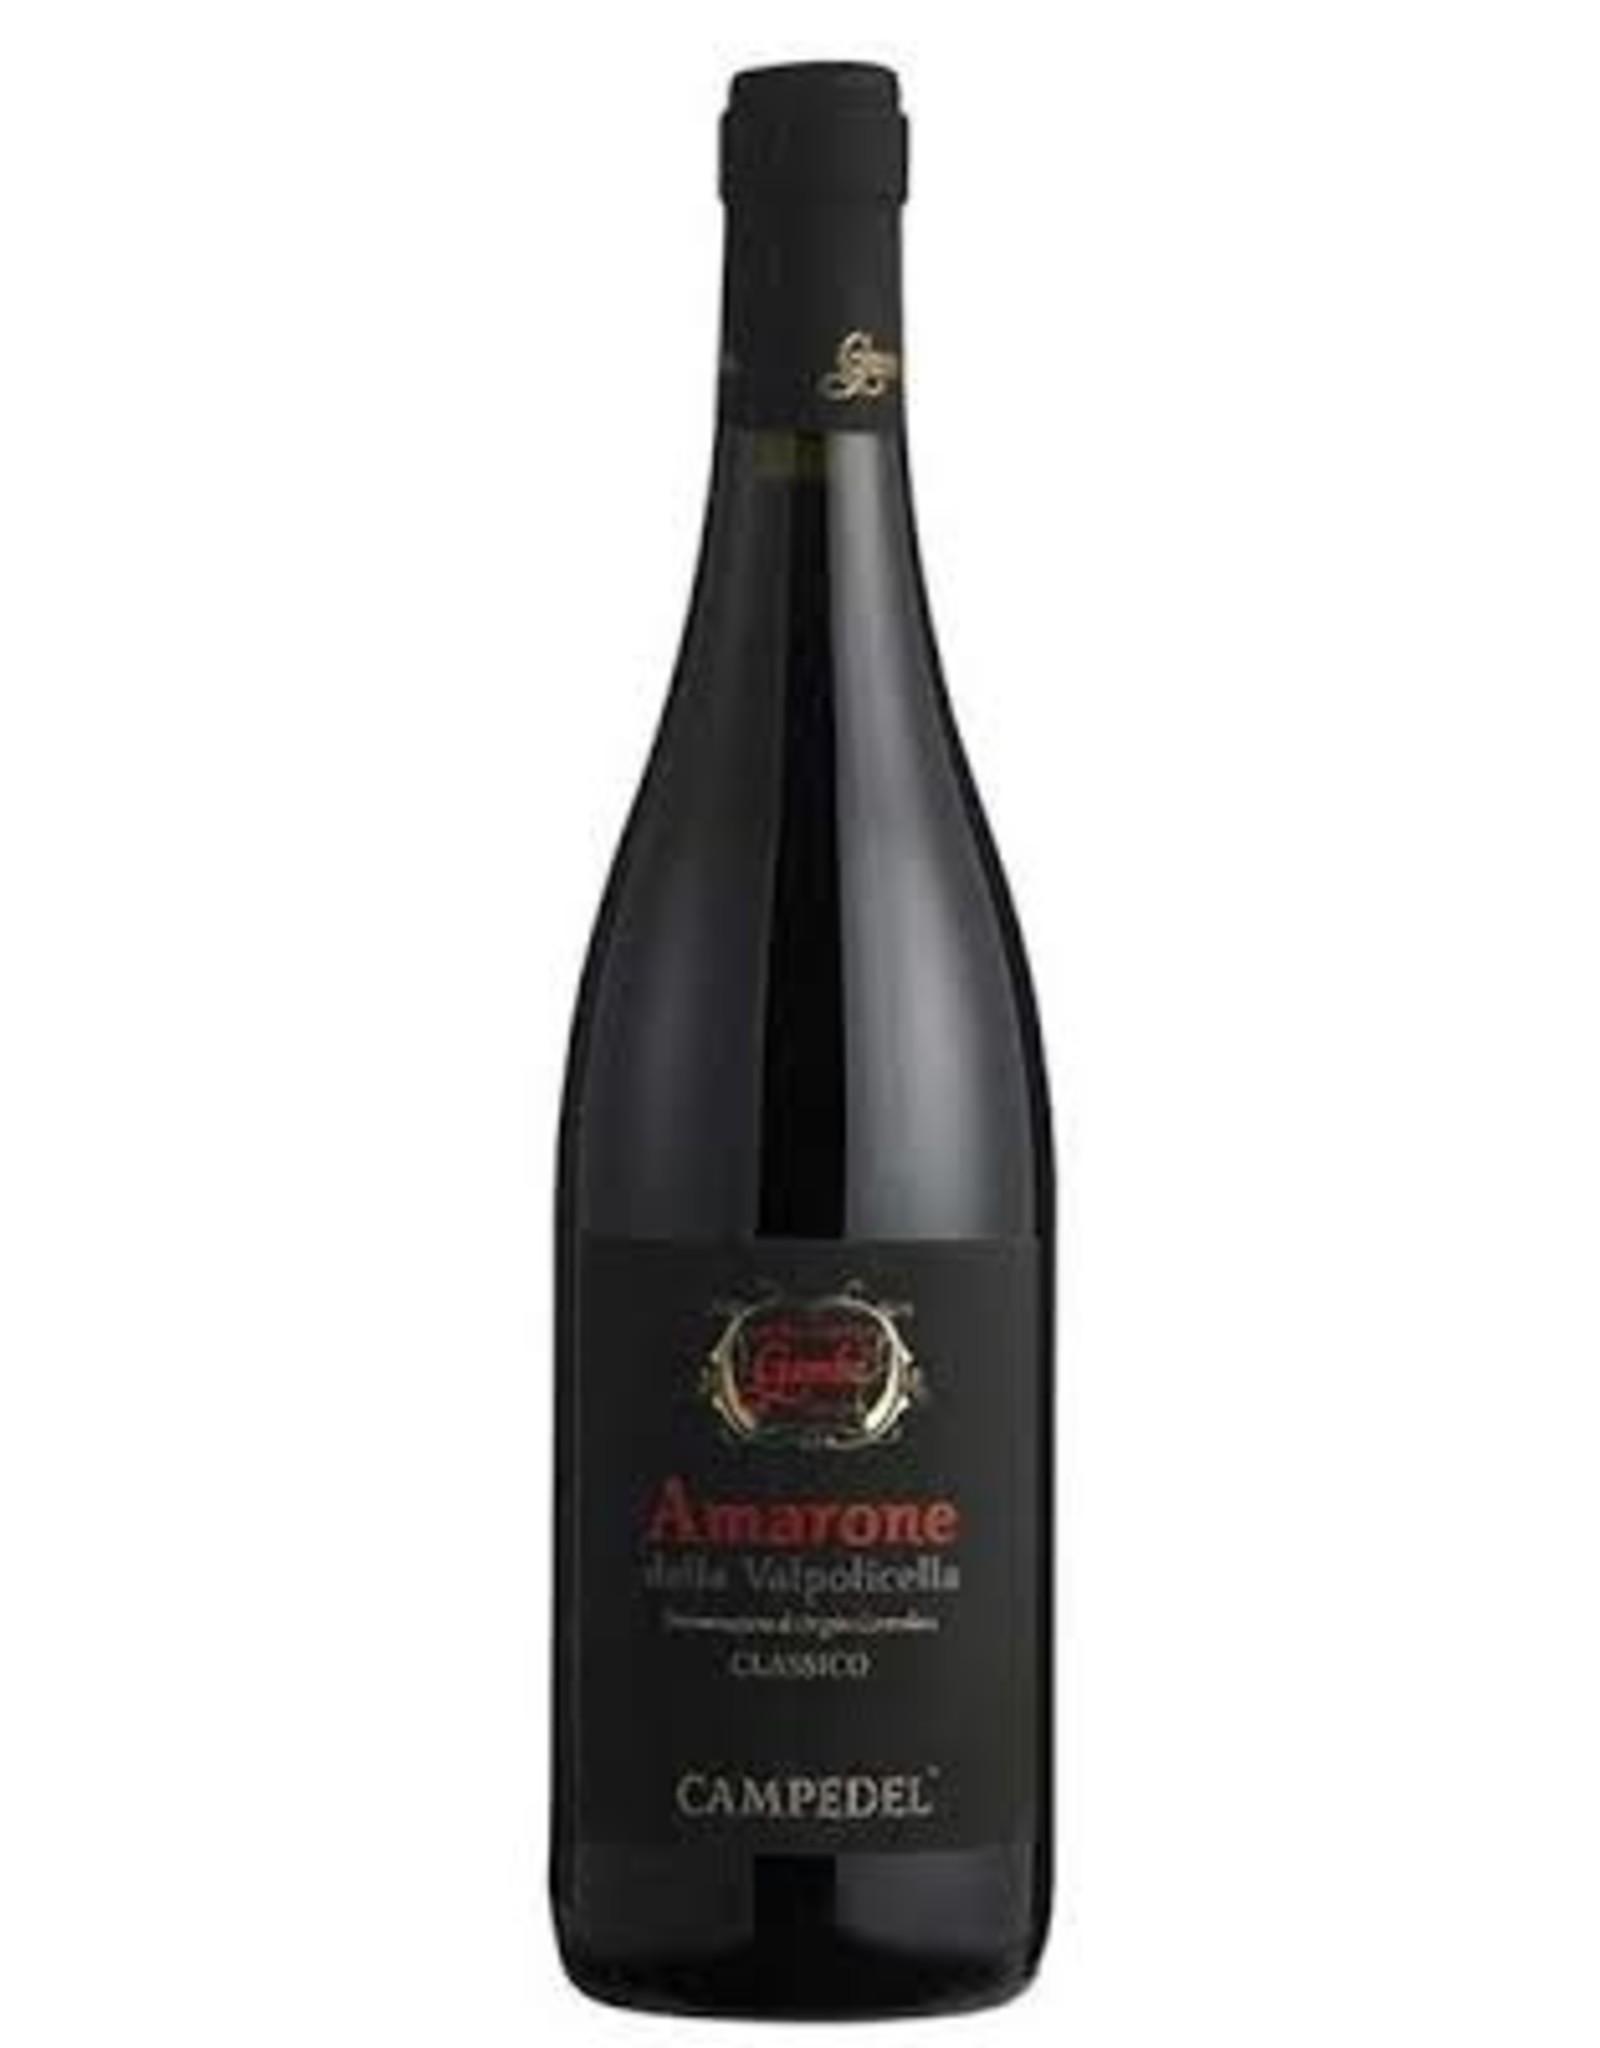 Gamba Campedel Amarone